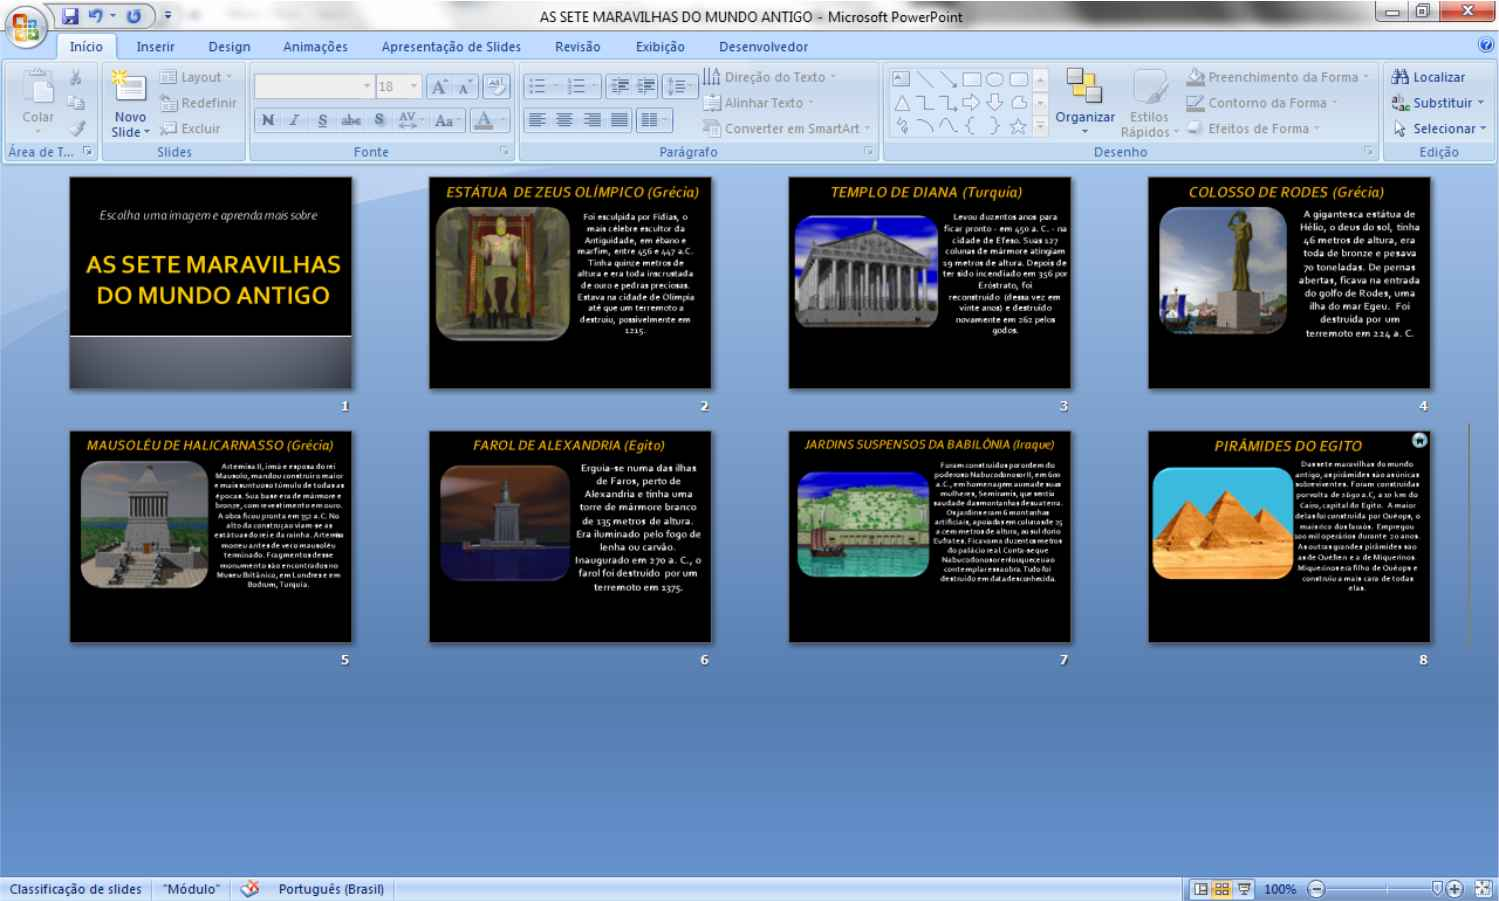 cf64c86b7a9db ... escolha um slide e insira todas as imagens que desejar para utilizar  como botão. No exemplo abaixo copiamos todas as imagens usadas na  apresentação ...